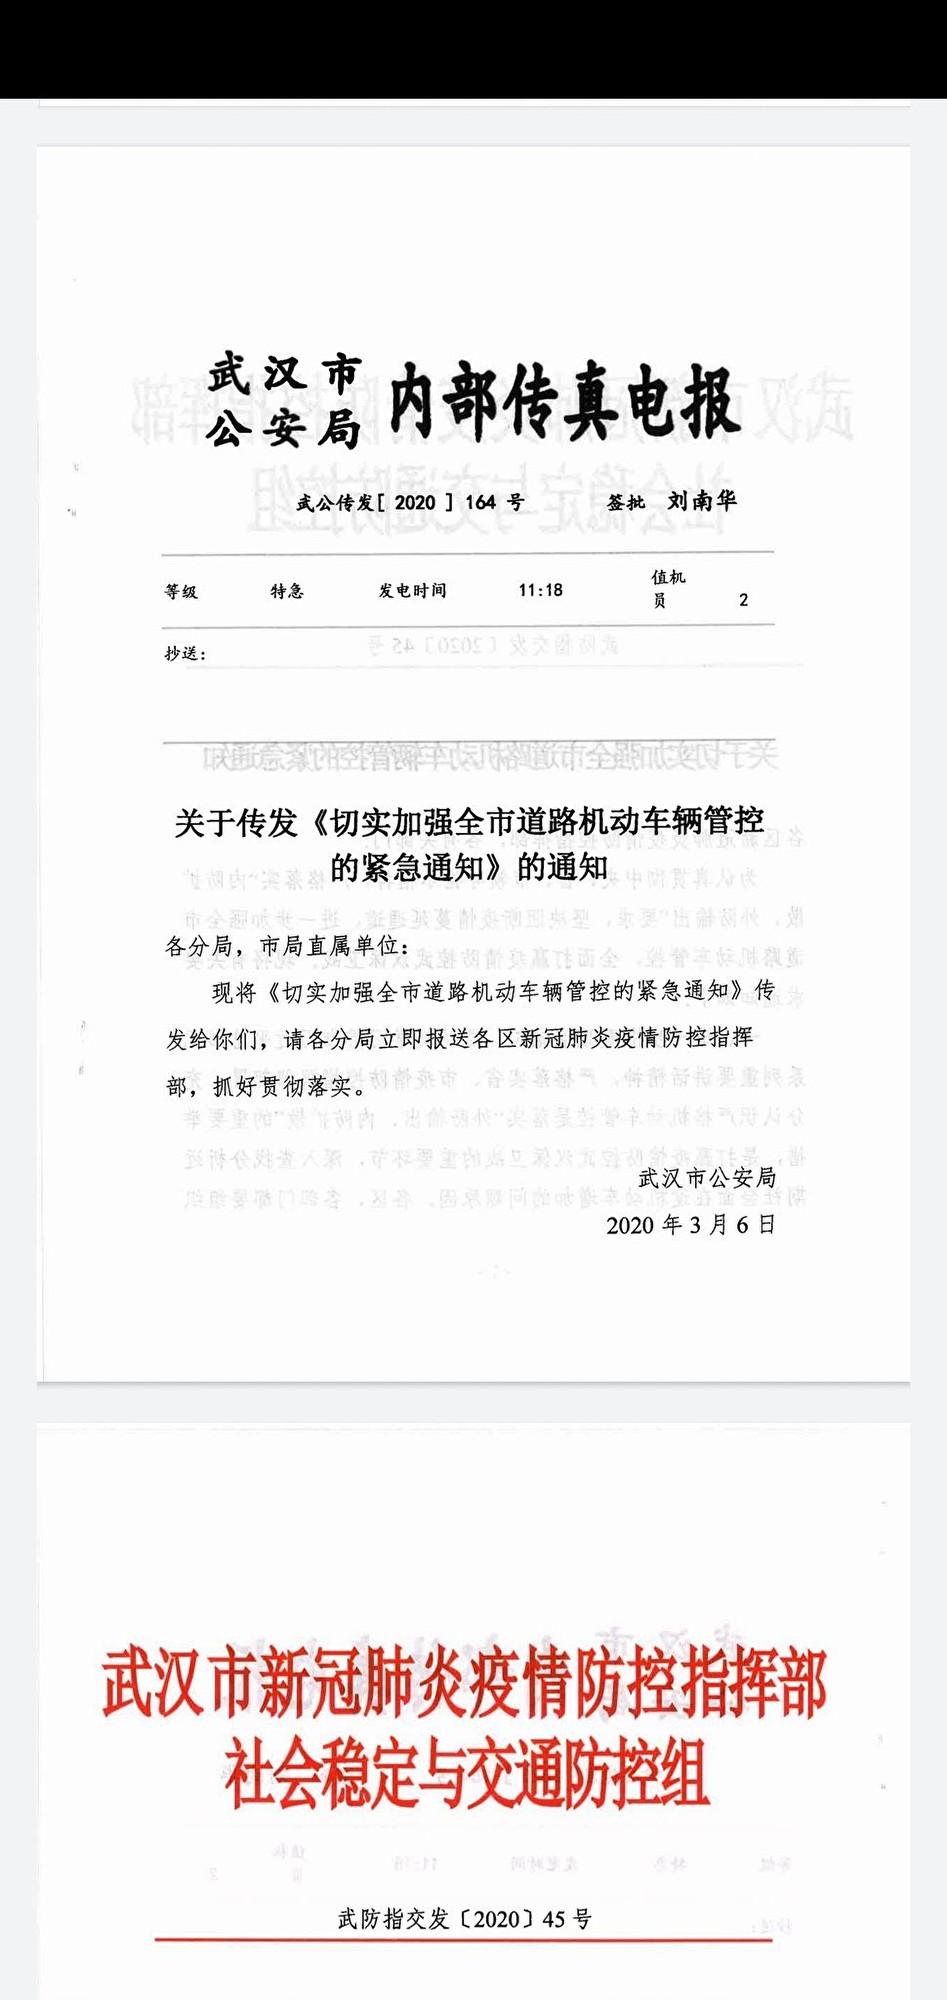 習訪武漢小區 傳每戶進駐兩個公安監控市民